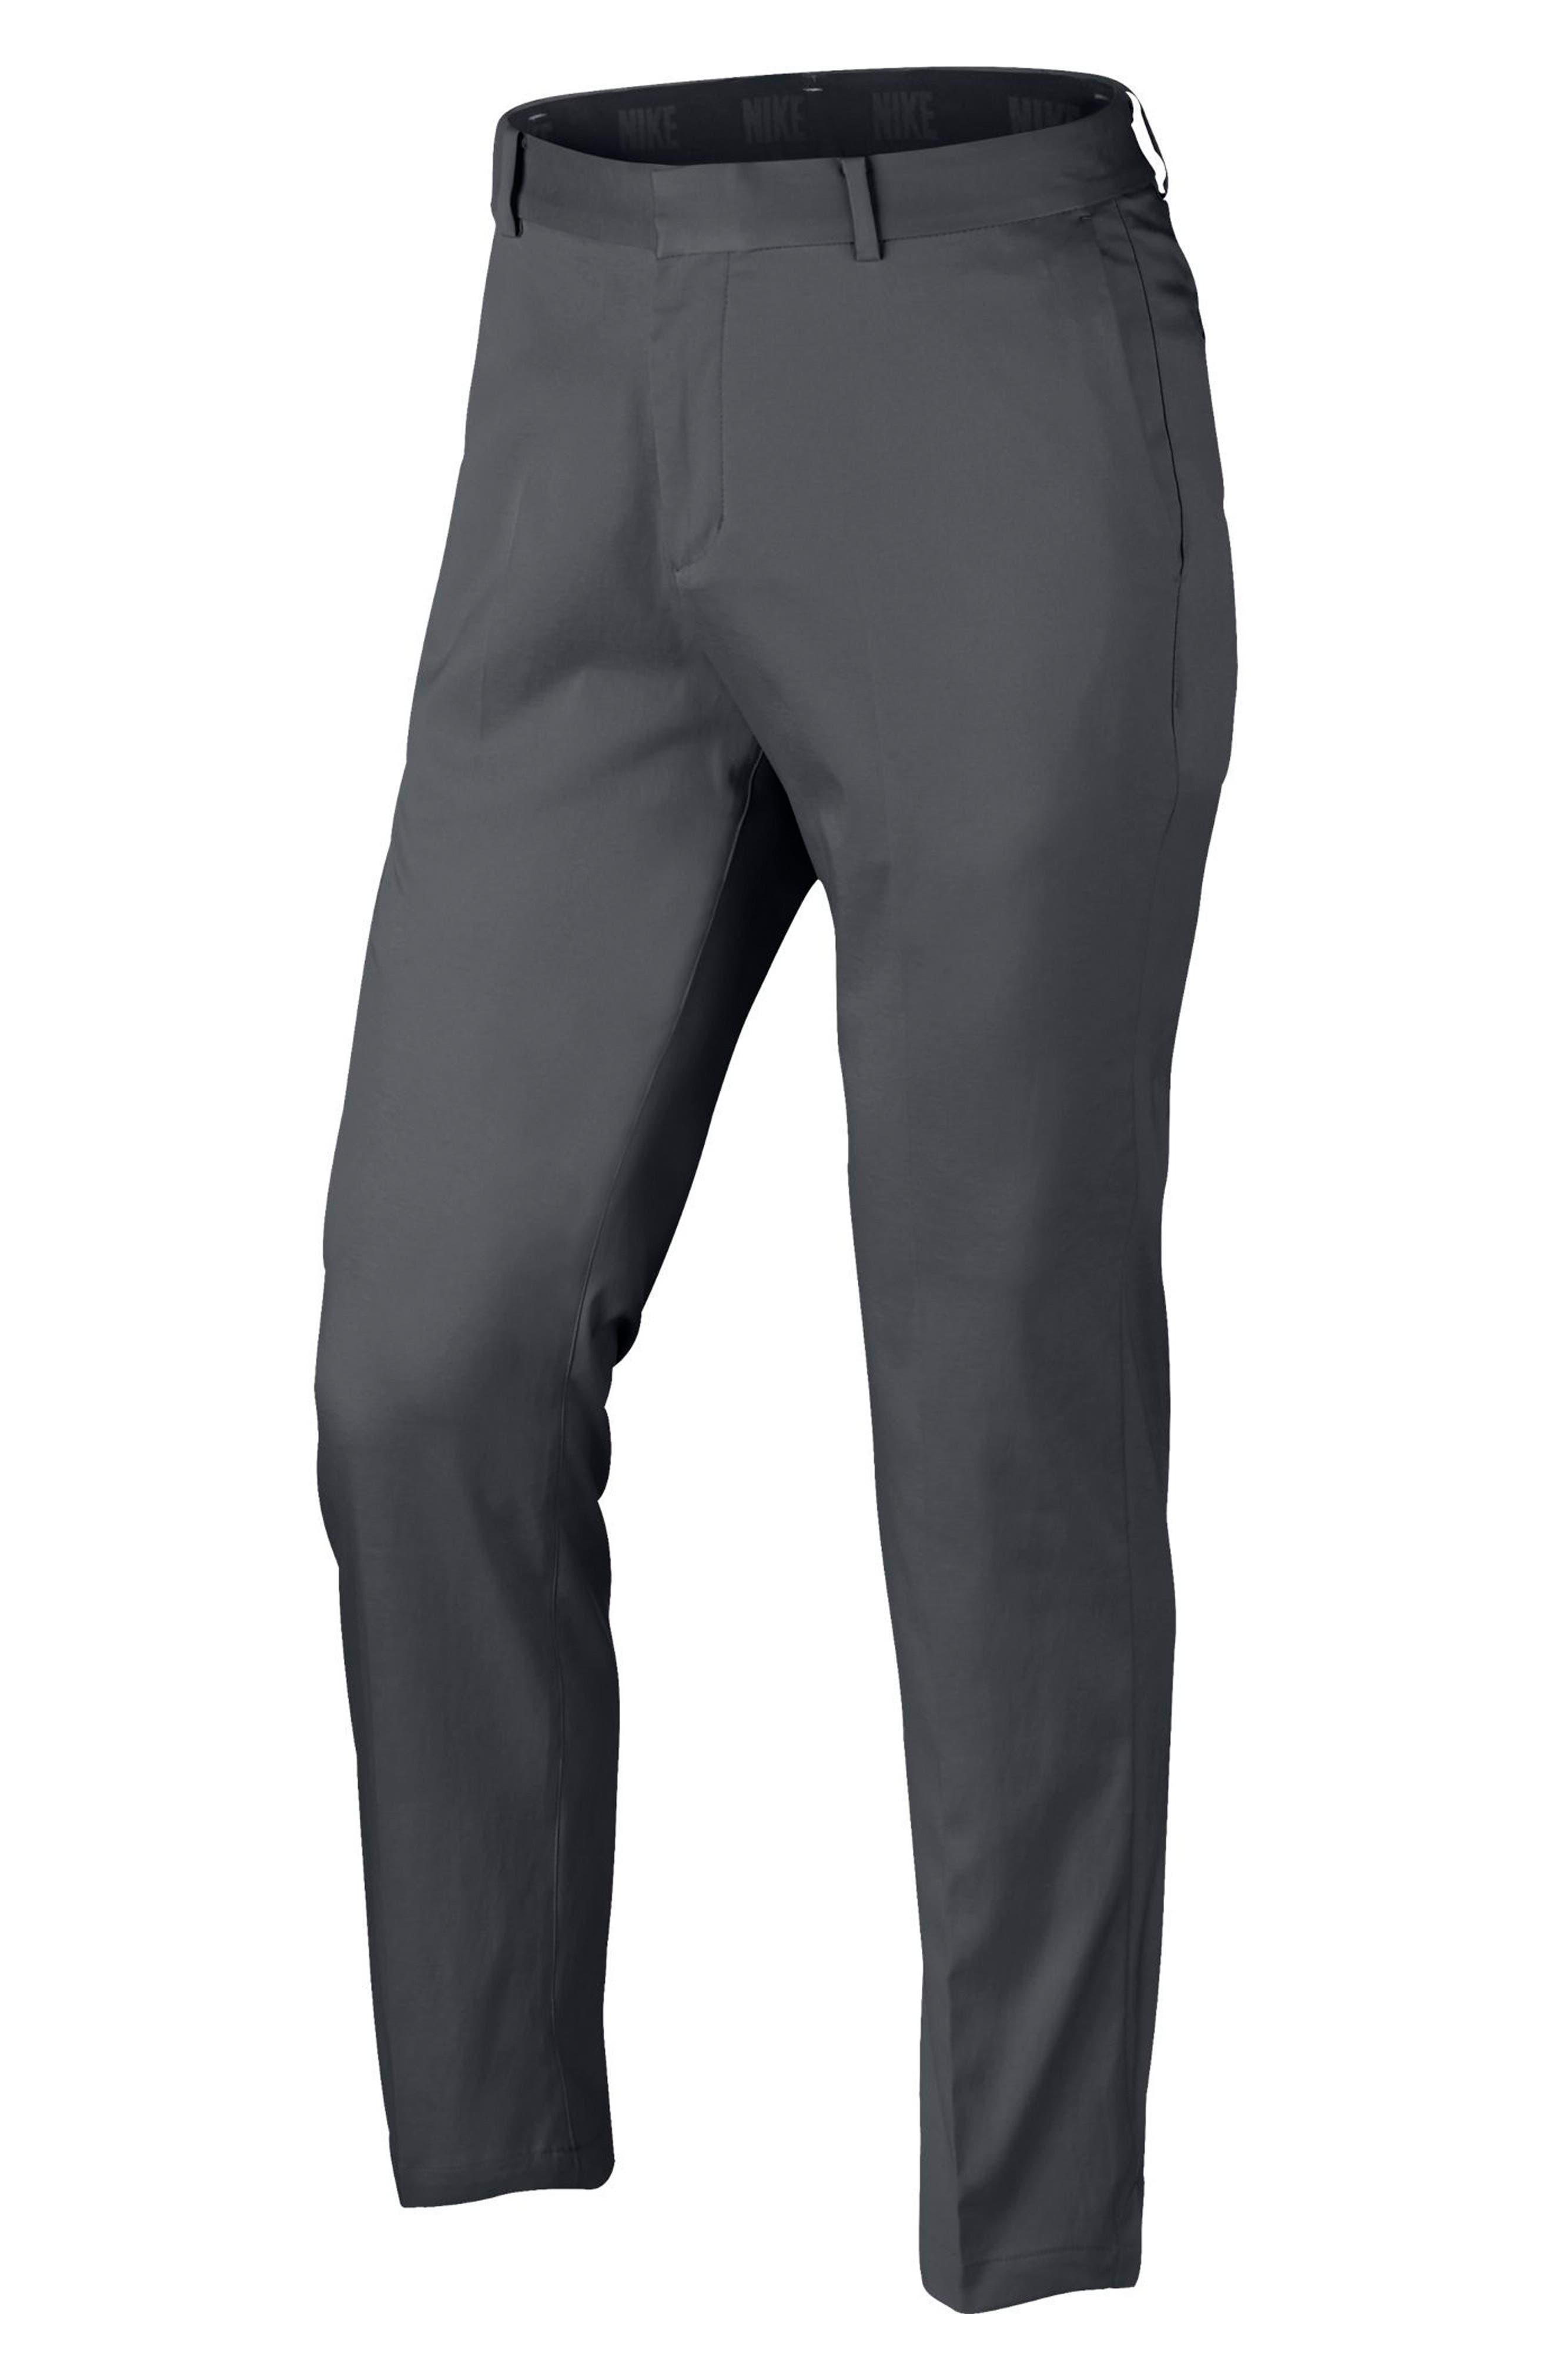 Flat Front Dri-FIT Tech Golf Pants,                             Alternate thumbnail 45, color,